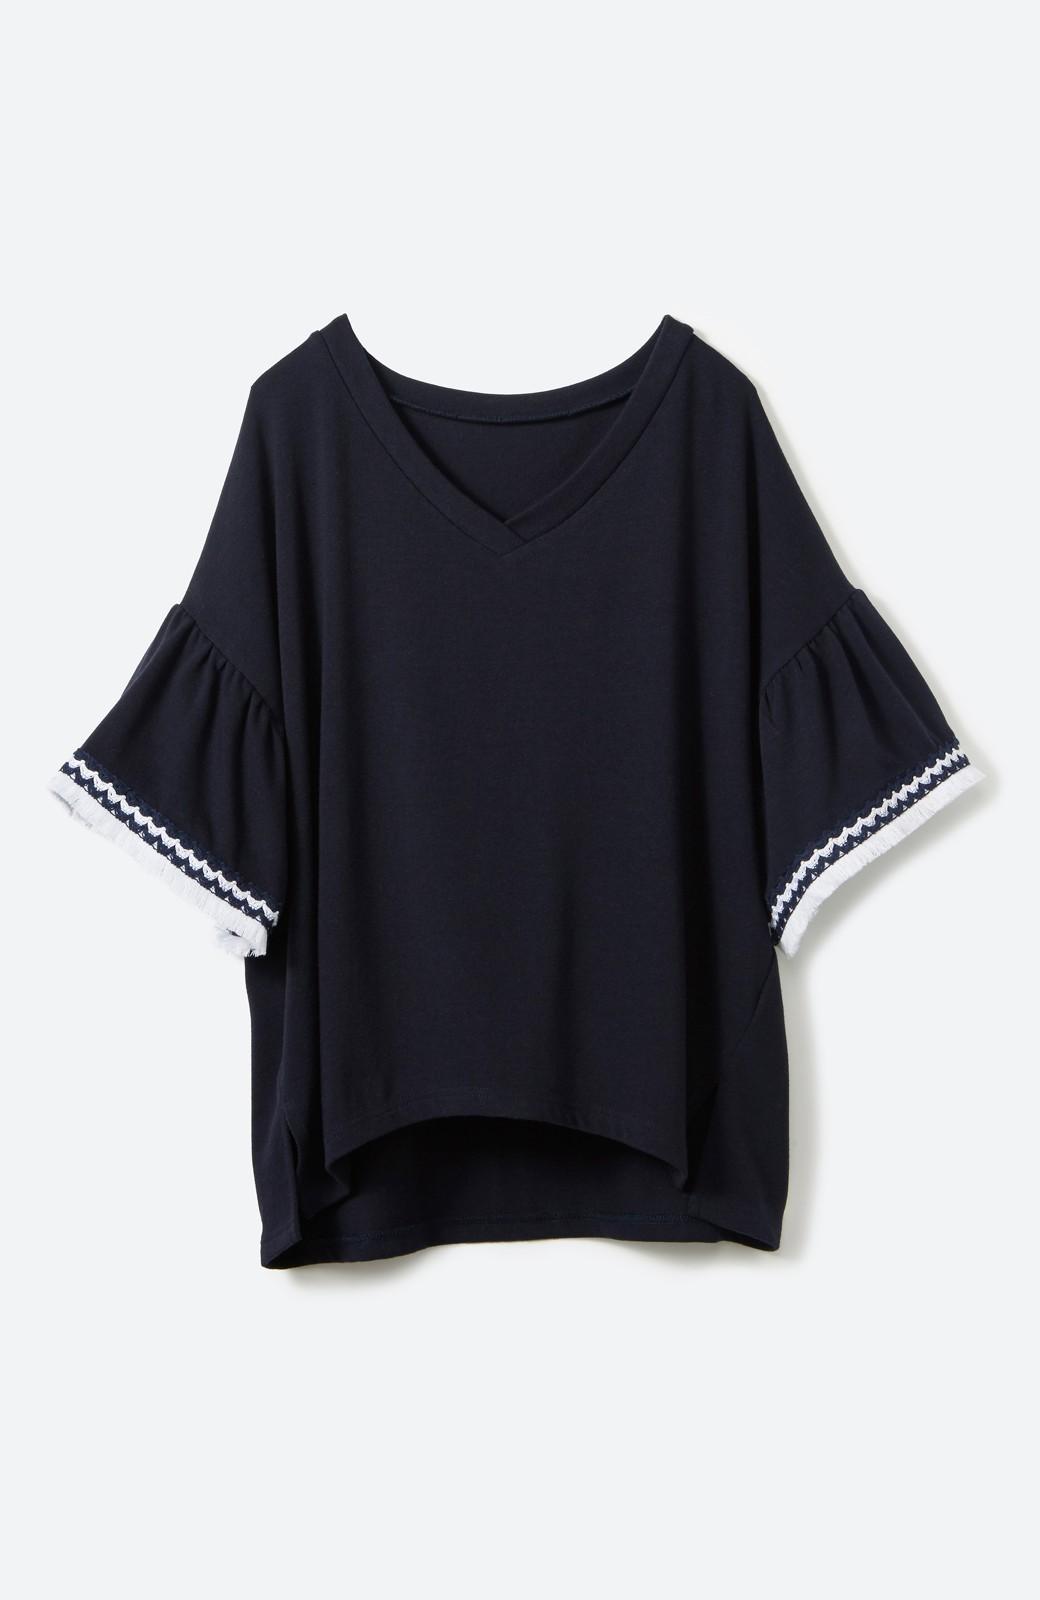 エムトロワ 女らしくフリンジを楽しむ Vネックふんわり袖トップス <ネイビー>の商品写真2